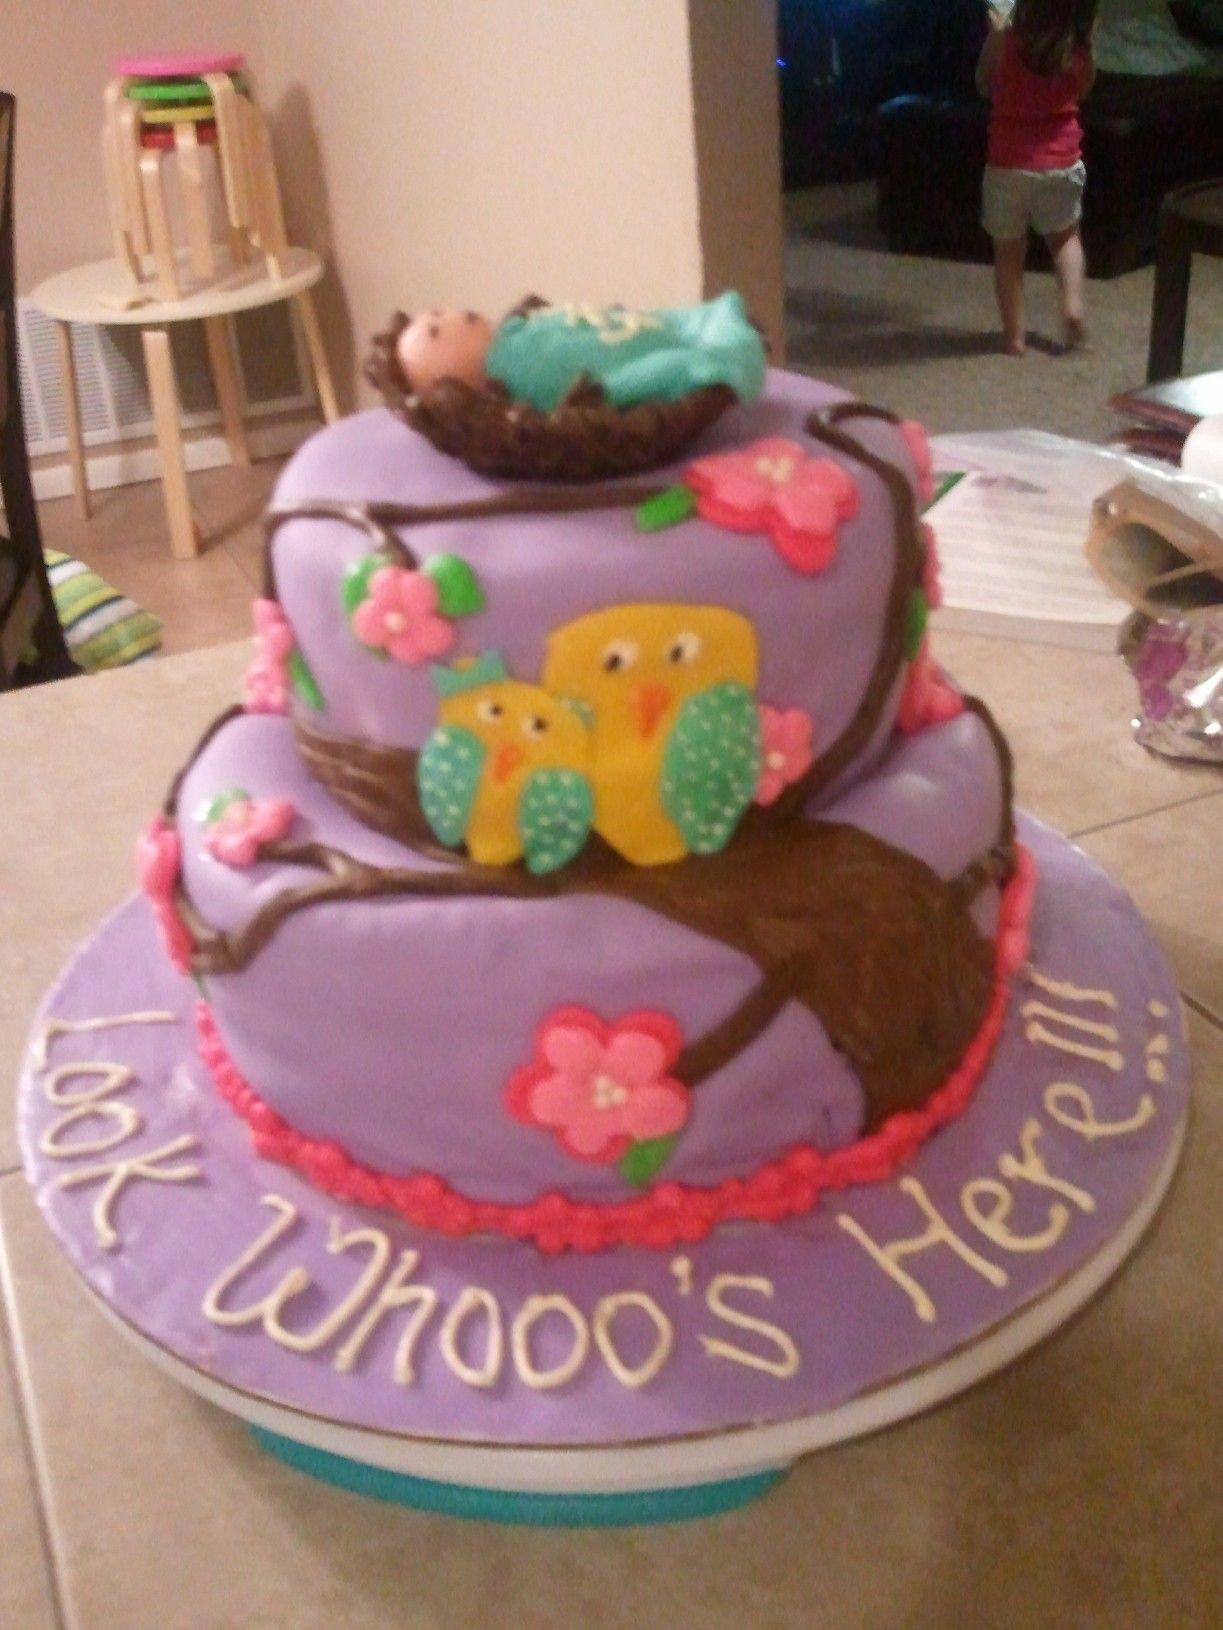 Owl themed baby shower cake!